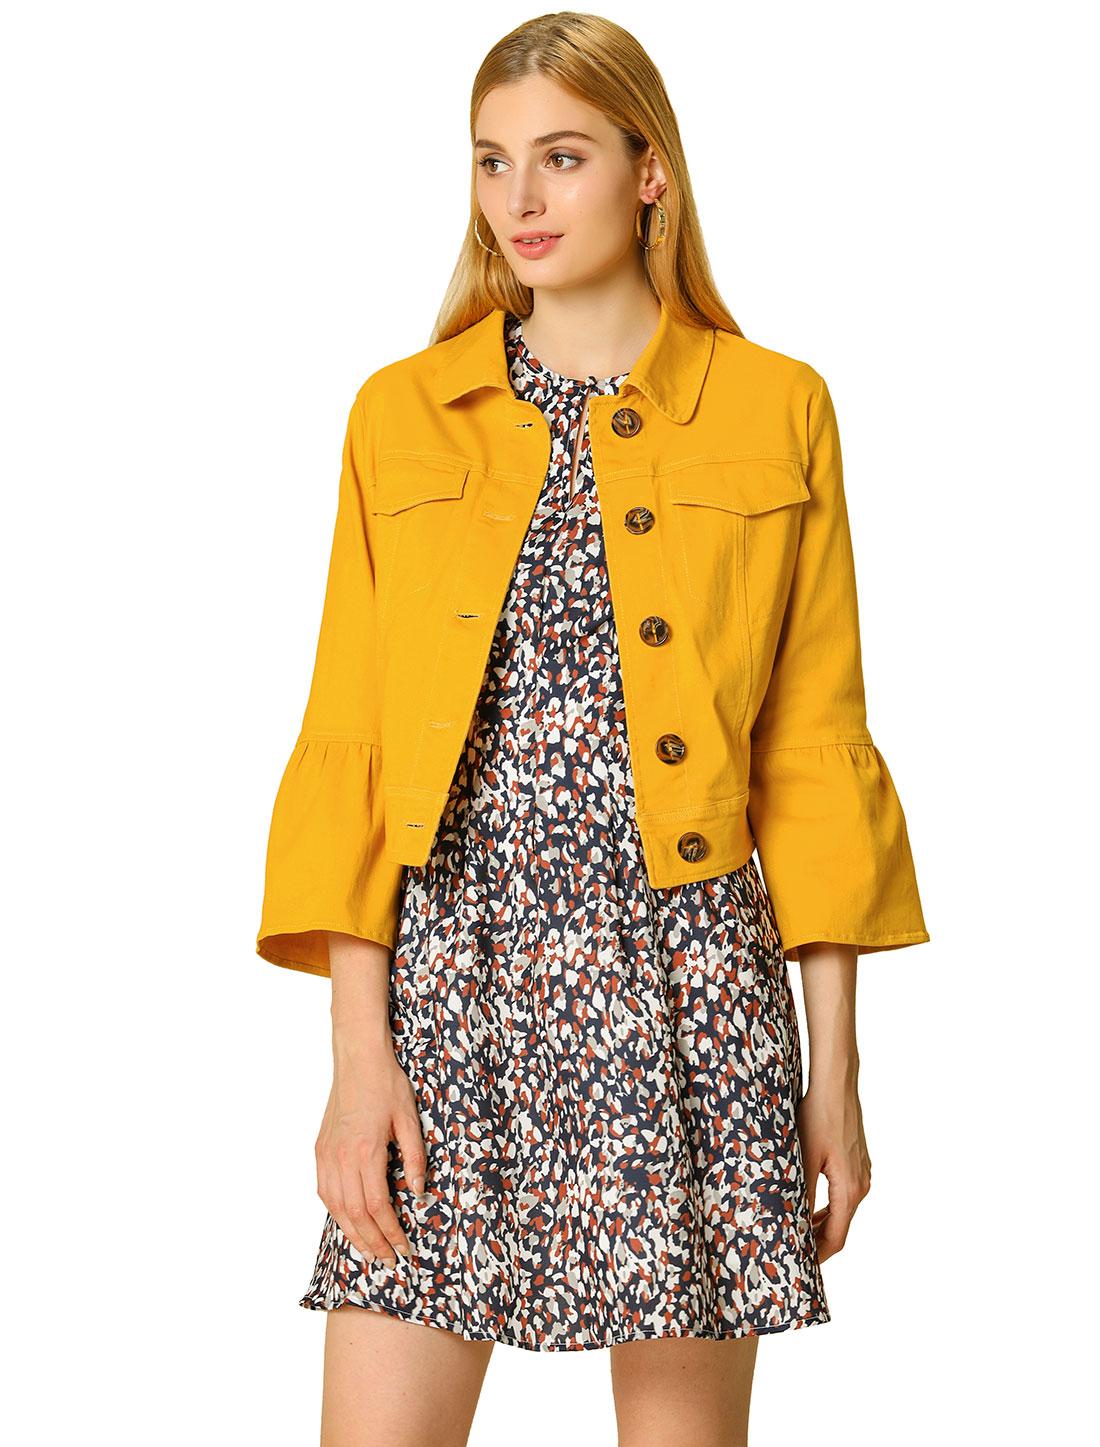 Allegra K Women's Ruffle 3/4 Sleeve Cropped Trucker Jacket Yellow S